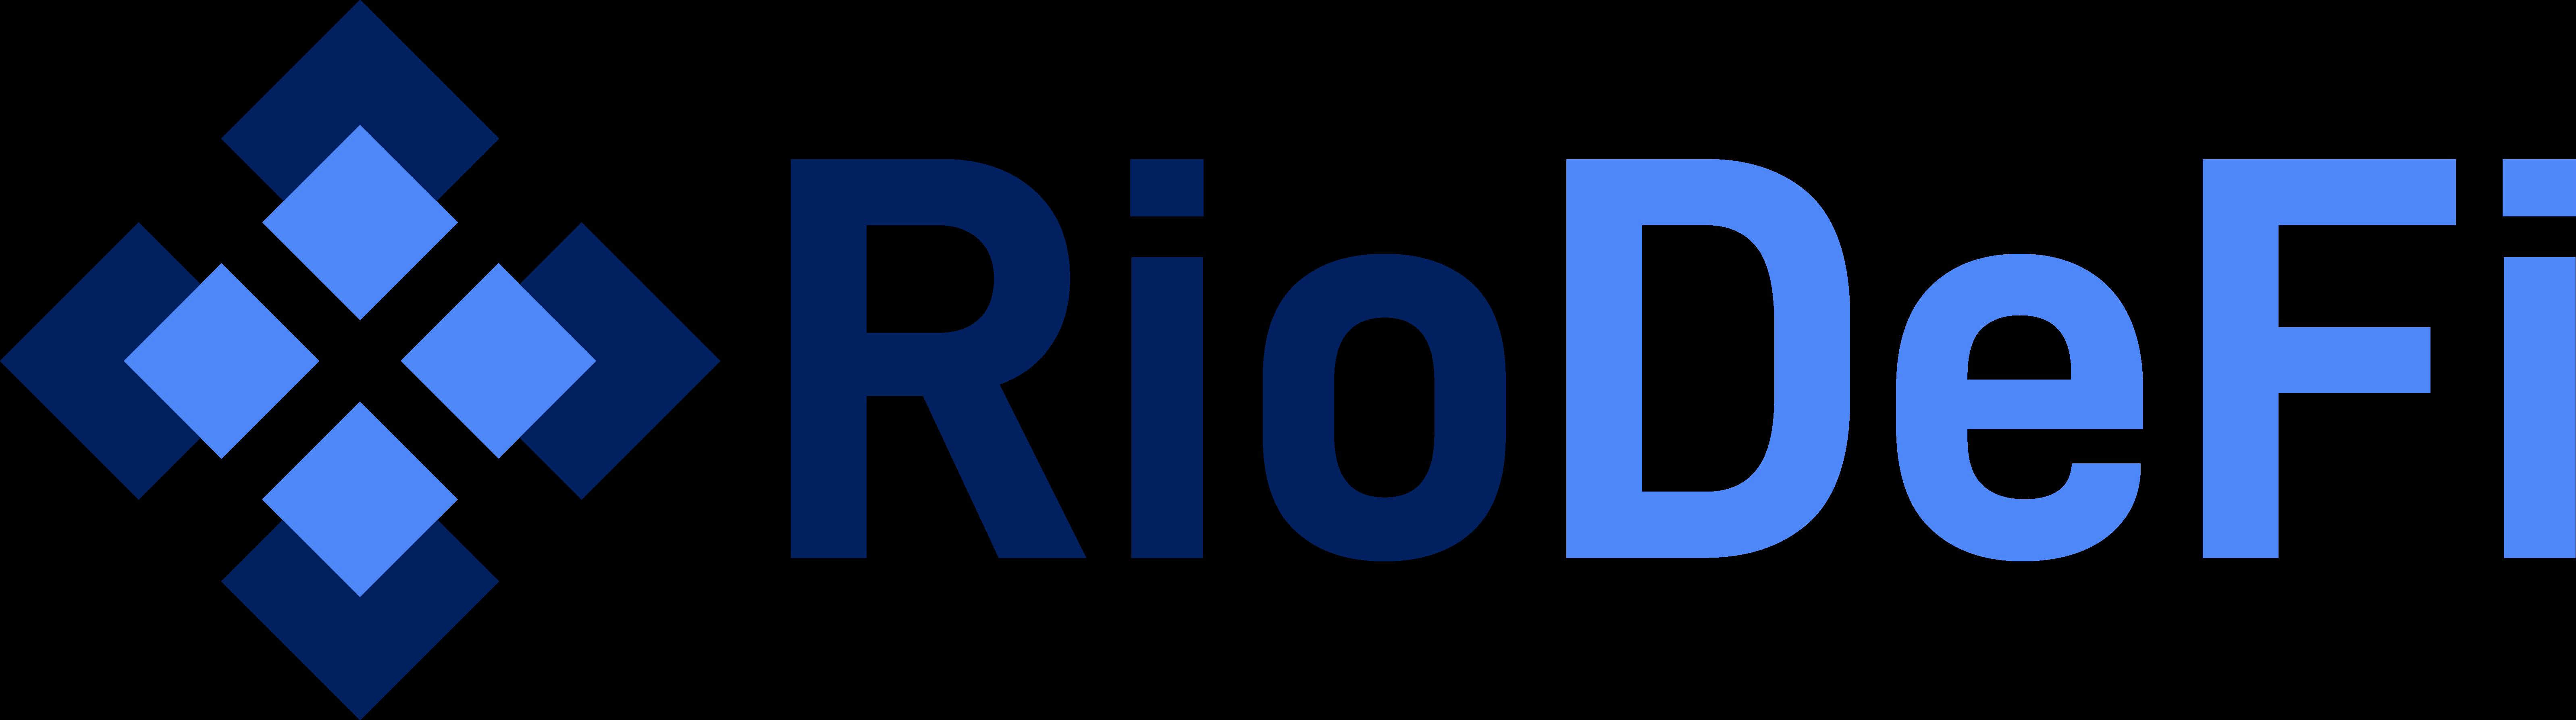 Rio DeFi